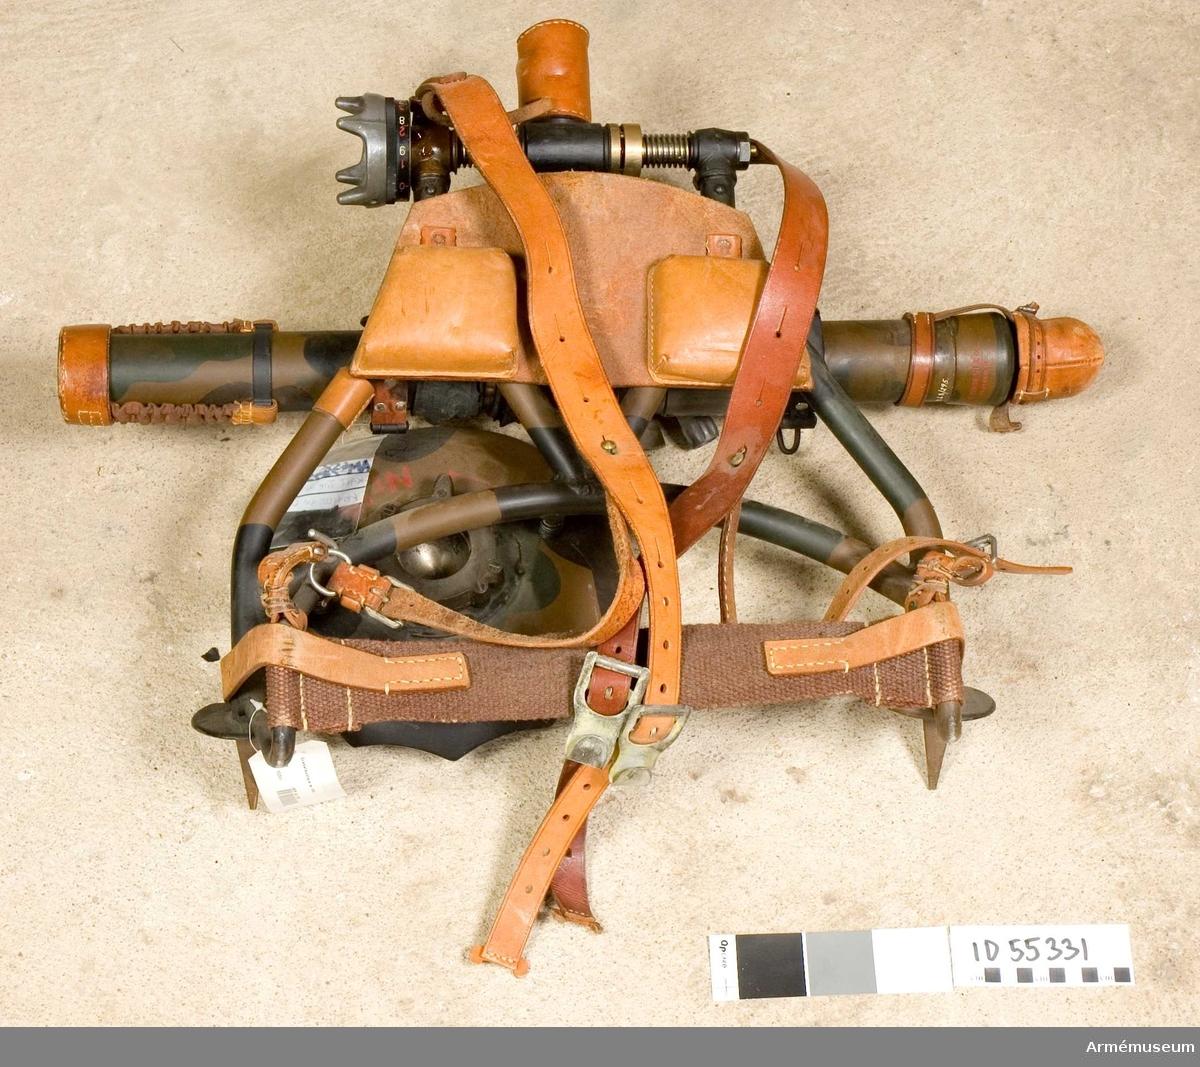 Grupp E X b.  47 mm granatkastare m/1940, system KAFT. Mått: Eldrörets vikt           2,9 kg  Totalvikt               11,7 kg  Loppets längd           60   cm  Eldrörets yttre längd   66,9 cm  Största skottvidd        480 m